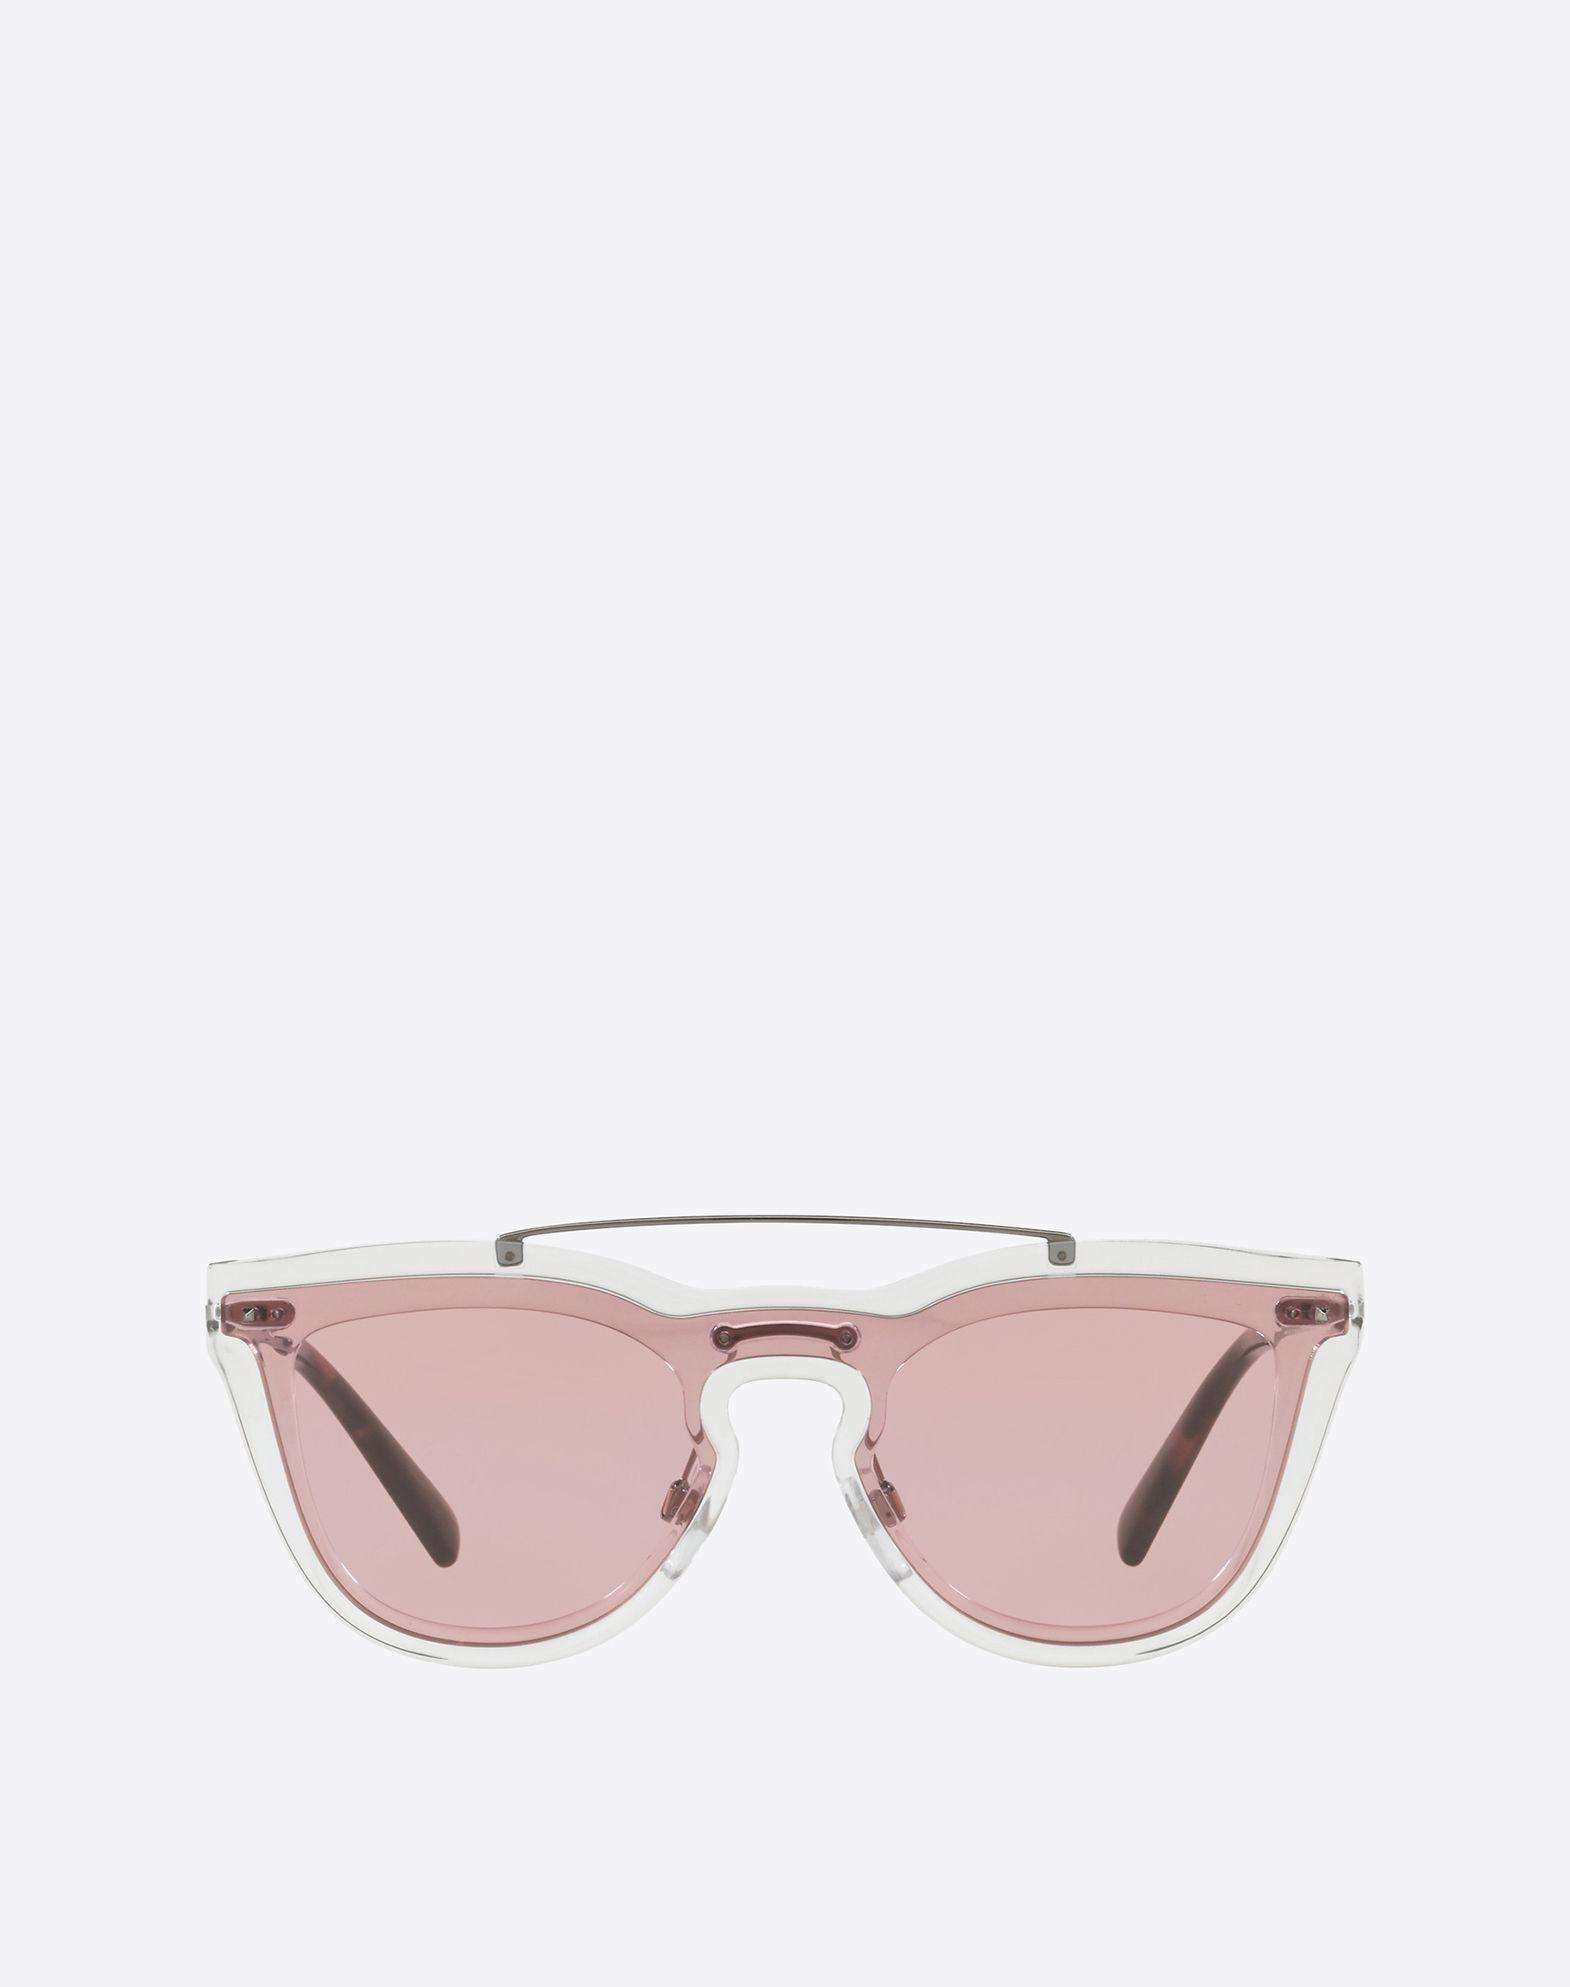 Valentino Garavani Metall und Nylon Sonnenbrille aus rosanem Metall LiKK9ww